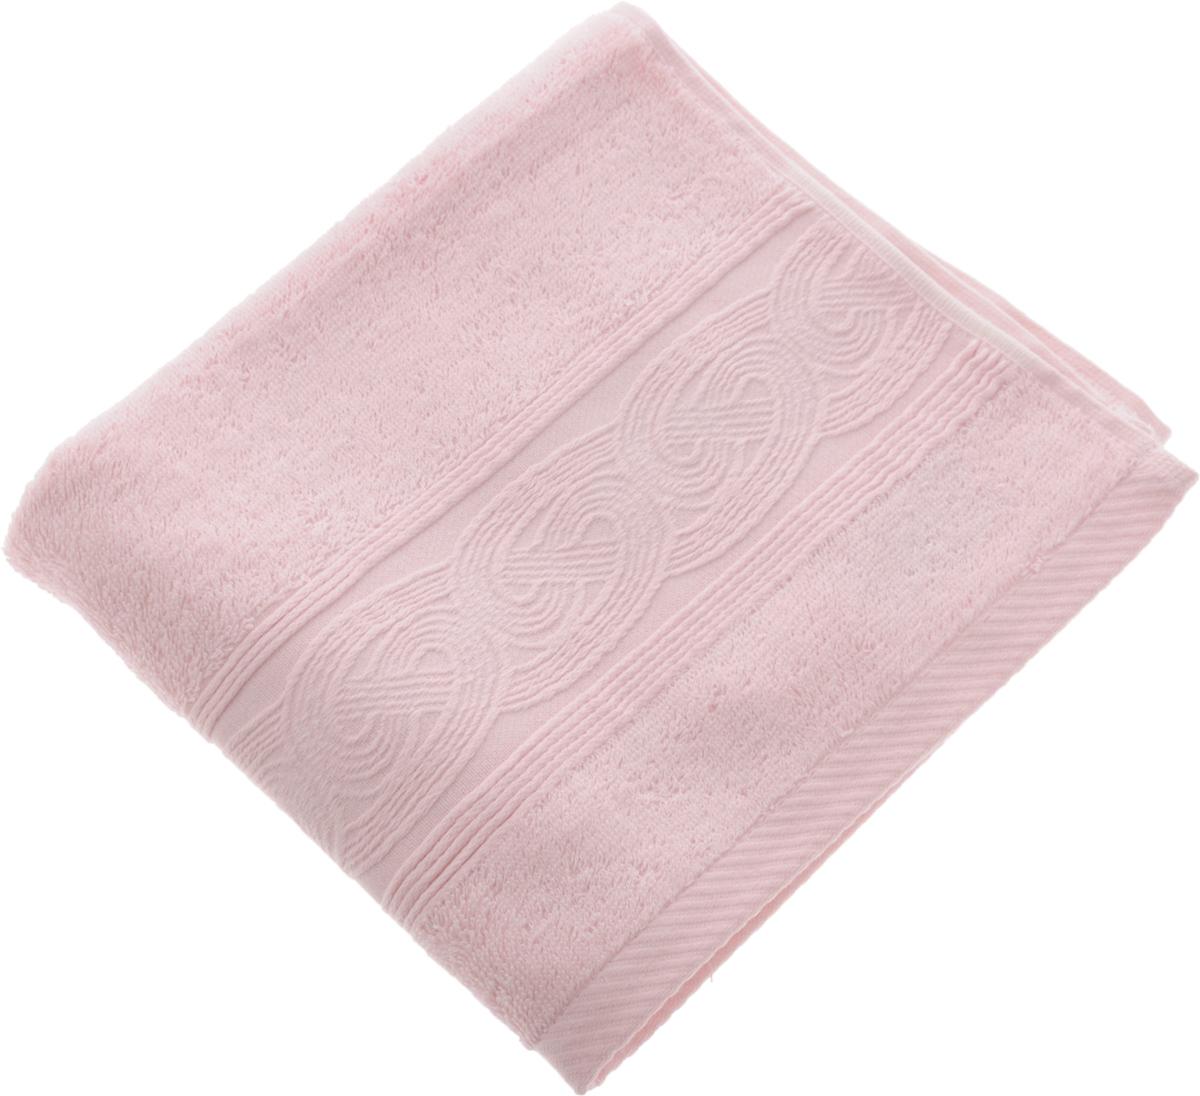 Полотенце Soavita Luxury. Жемчуг, цвет: розовый, 50 х 90 см51726Полотенце Soavita Luxury. Жемчуг выполнено из 50% хлопка и 50% тенселя. Изделие отлично впитывает влагу, быстро сохнет, сохраняет яркость цвета и не теряет форму даже после многократных стирок. Полотенце очень практично и неприхотливо в уходе. Оно создаст прекрасное настроение и украсит интерьер в ванной комнате.